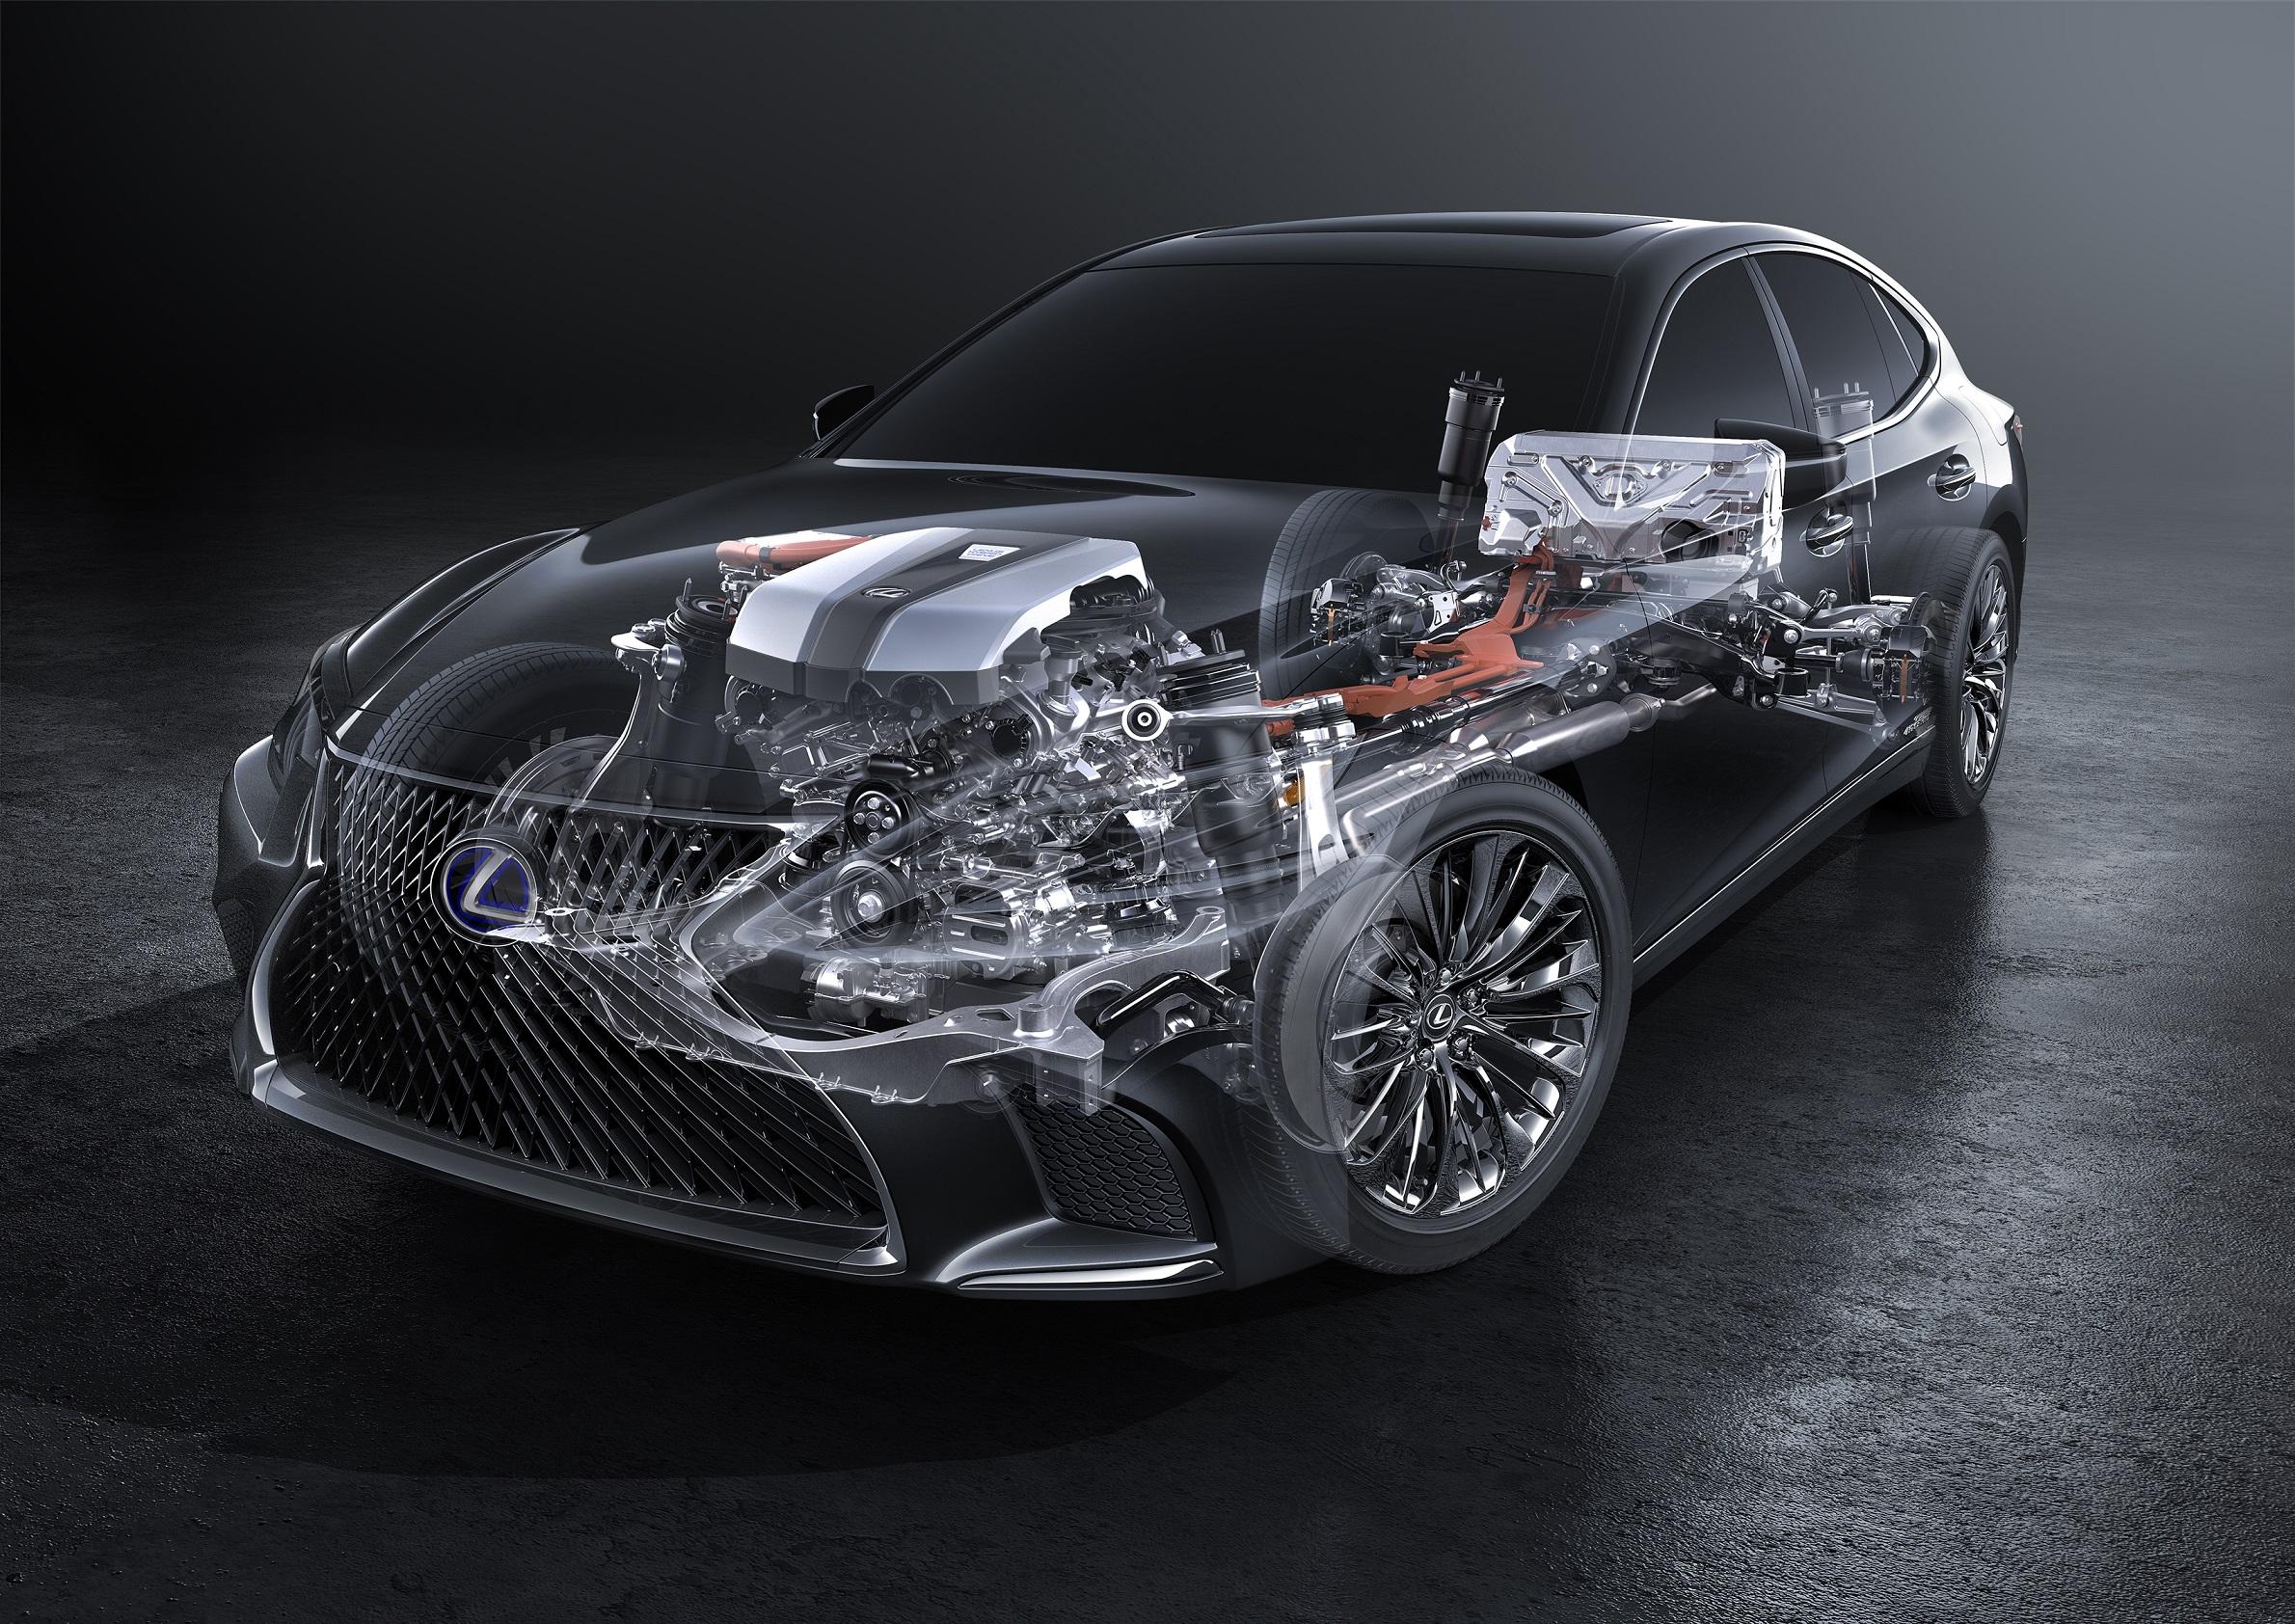 新雷克萨斯NX将于上海车展全球首发